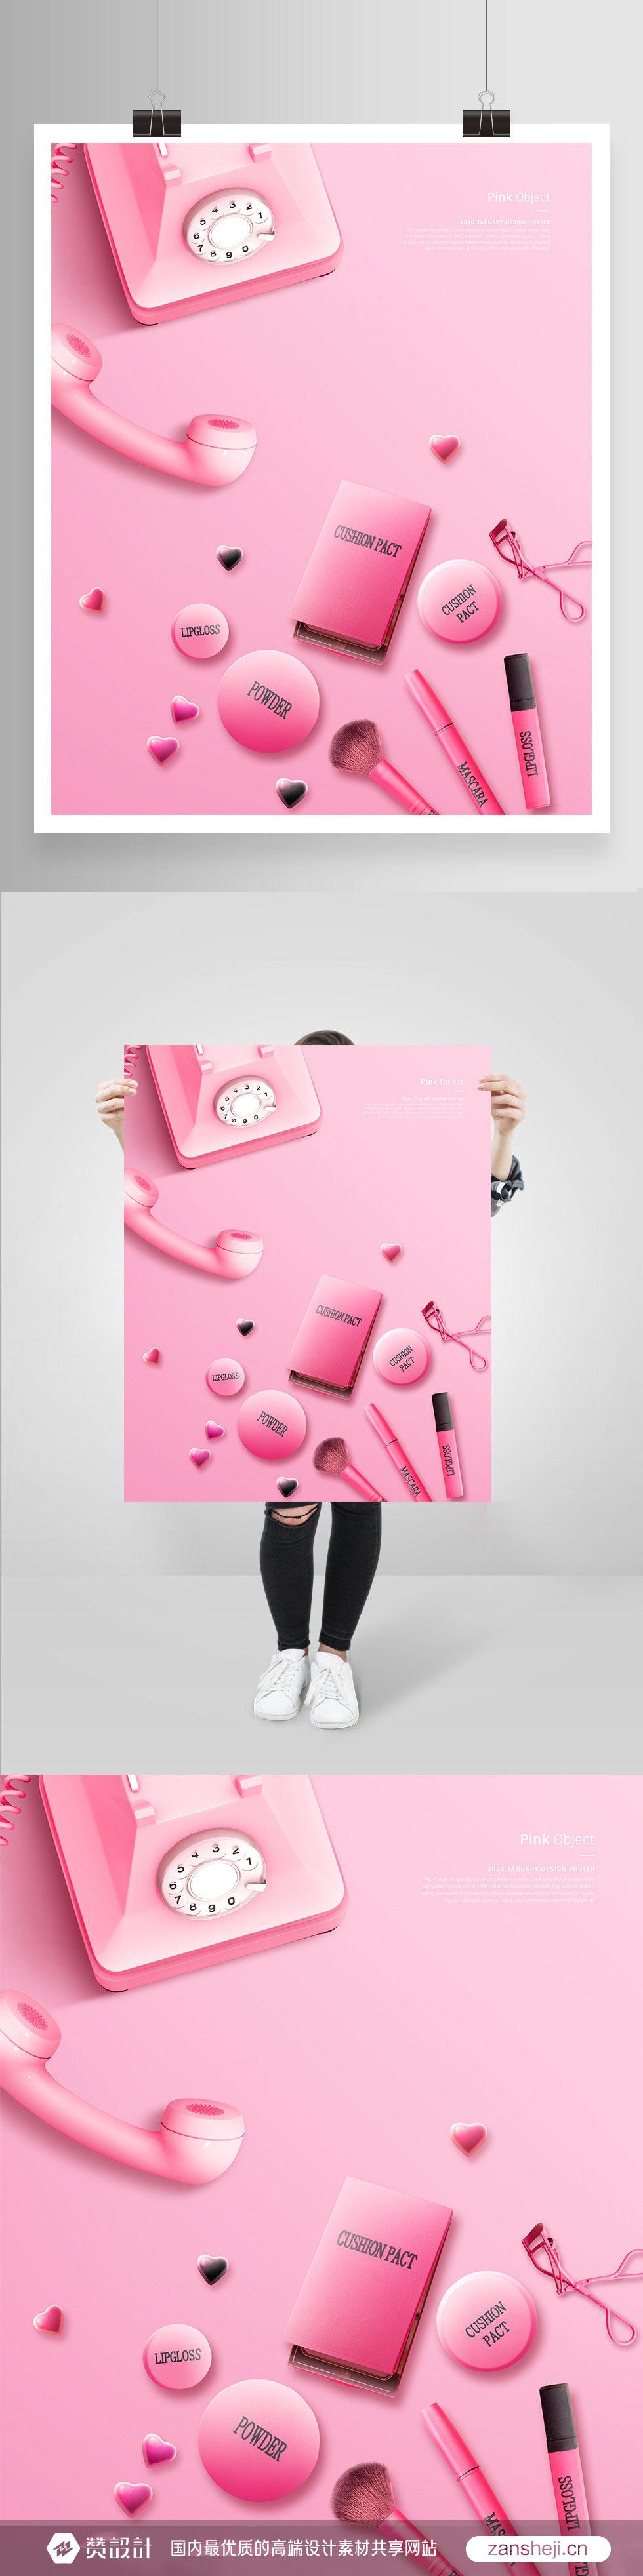 粉色情人节礼物化妆品彩妆海报psd分层设计素材